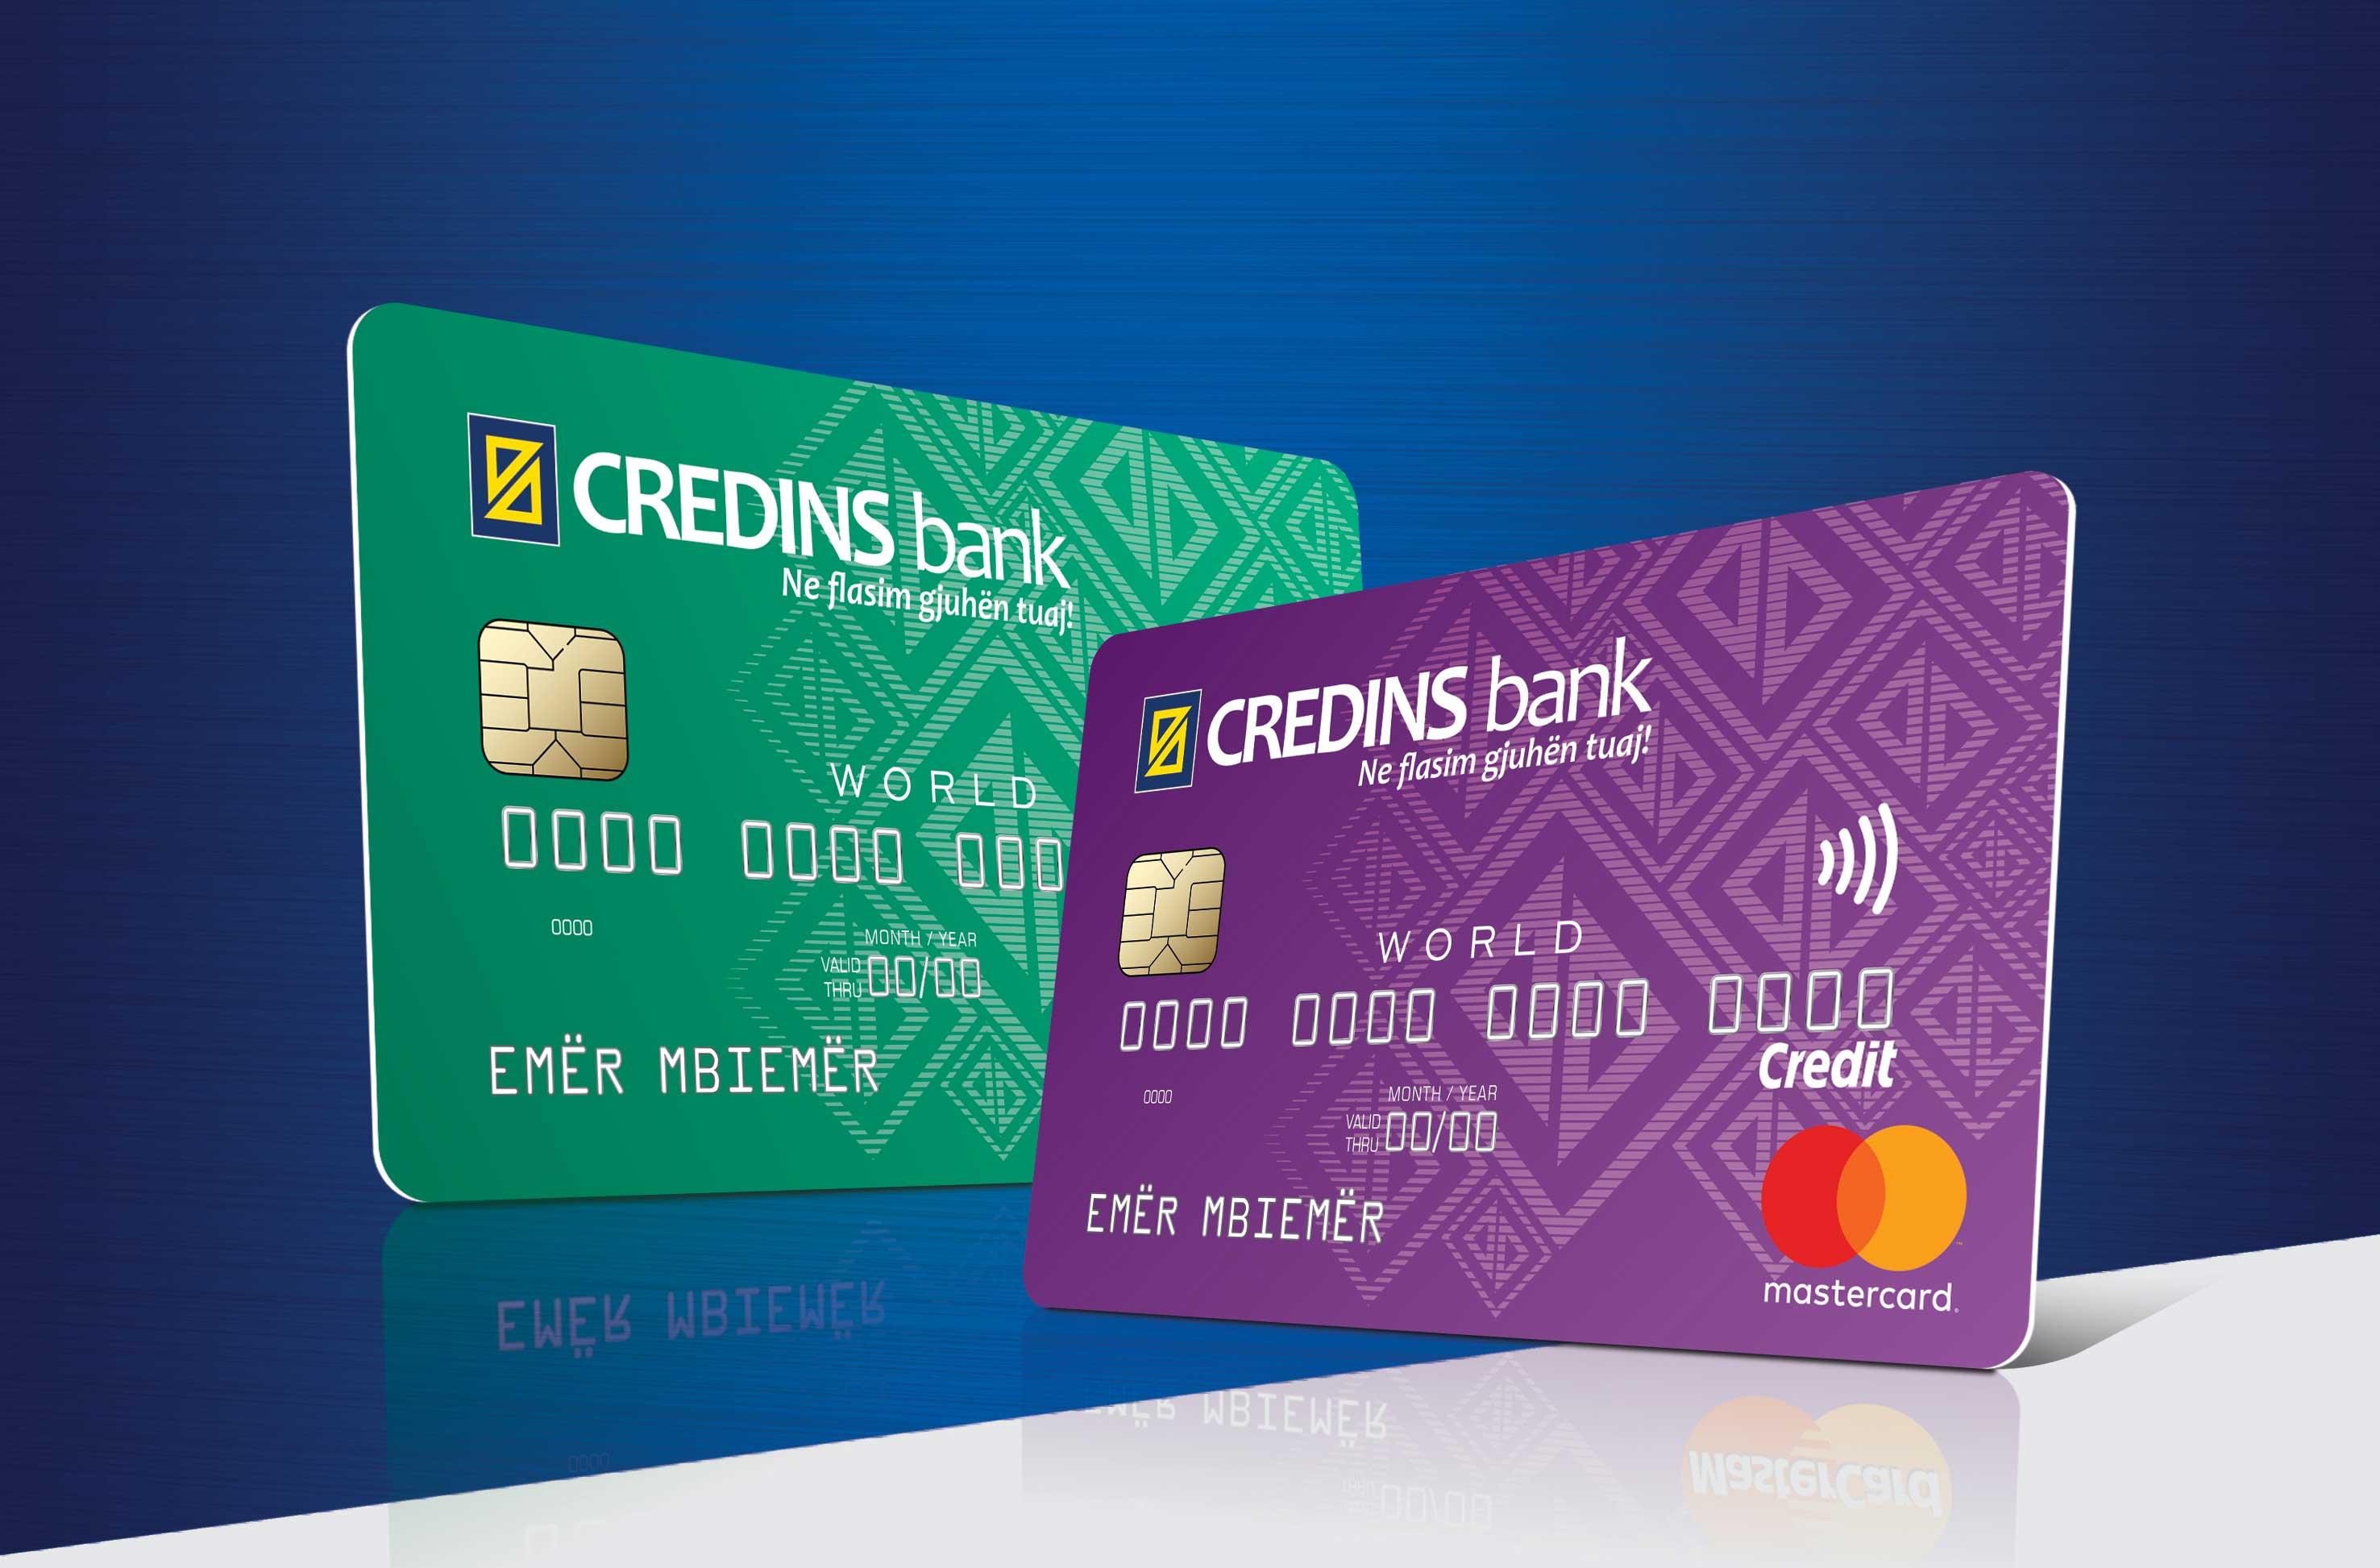 credins bank mastercard